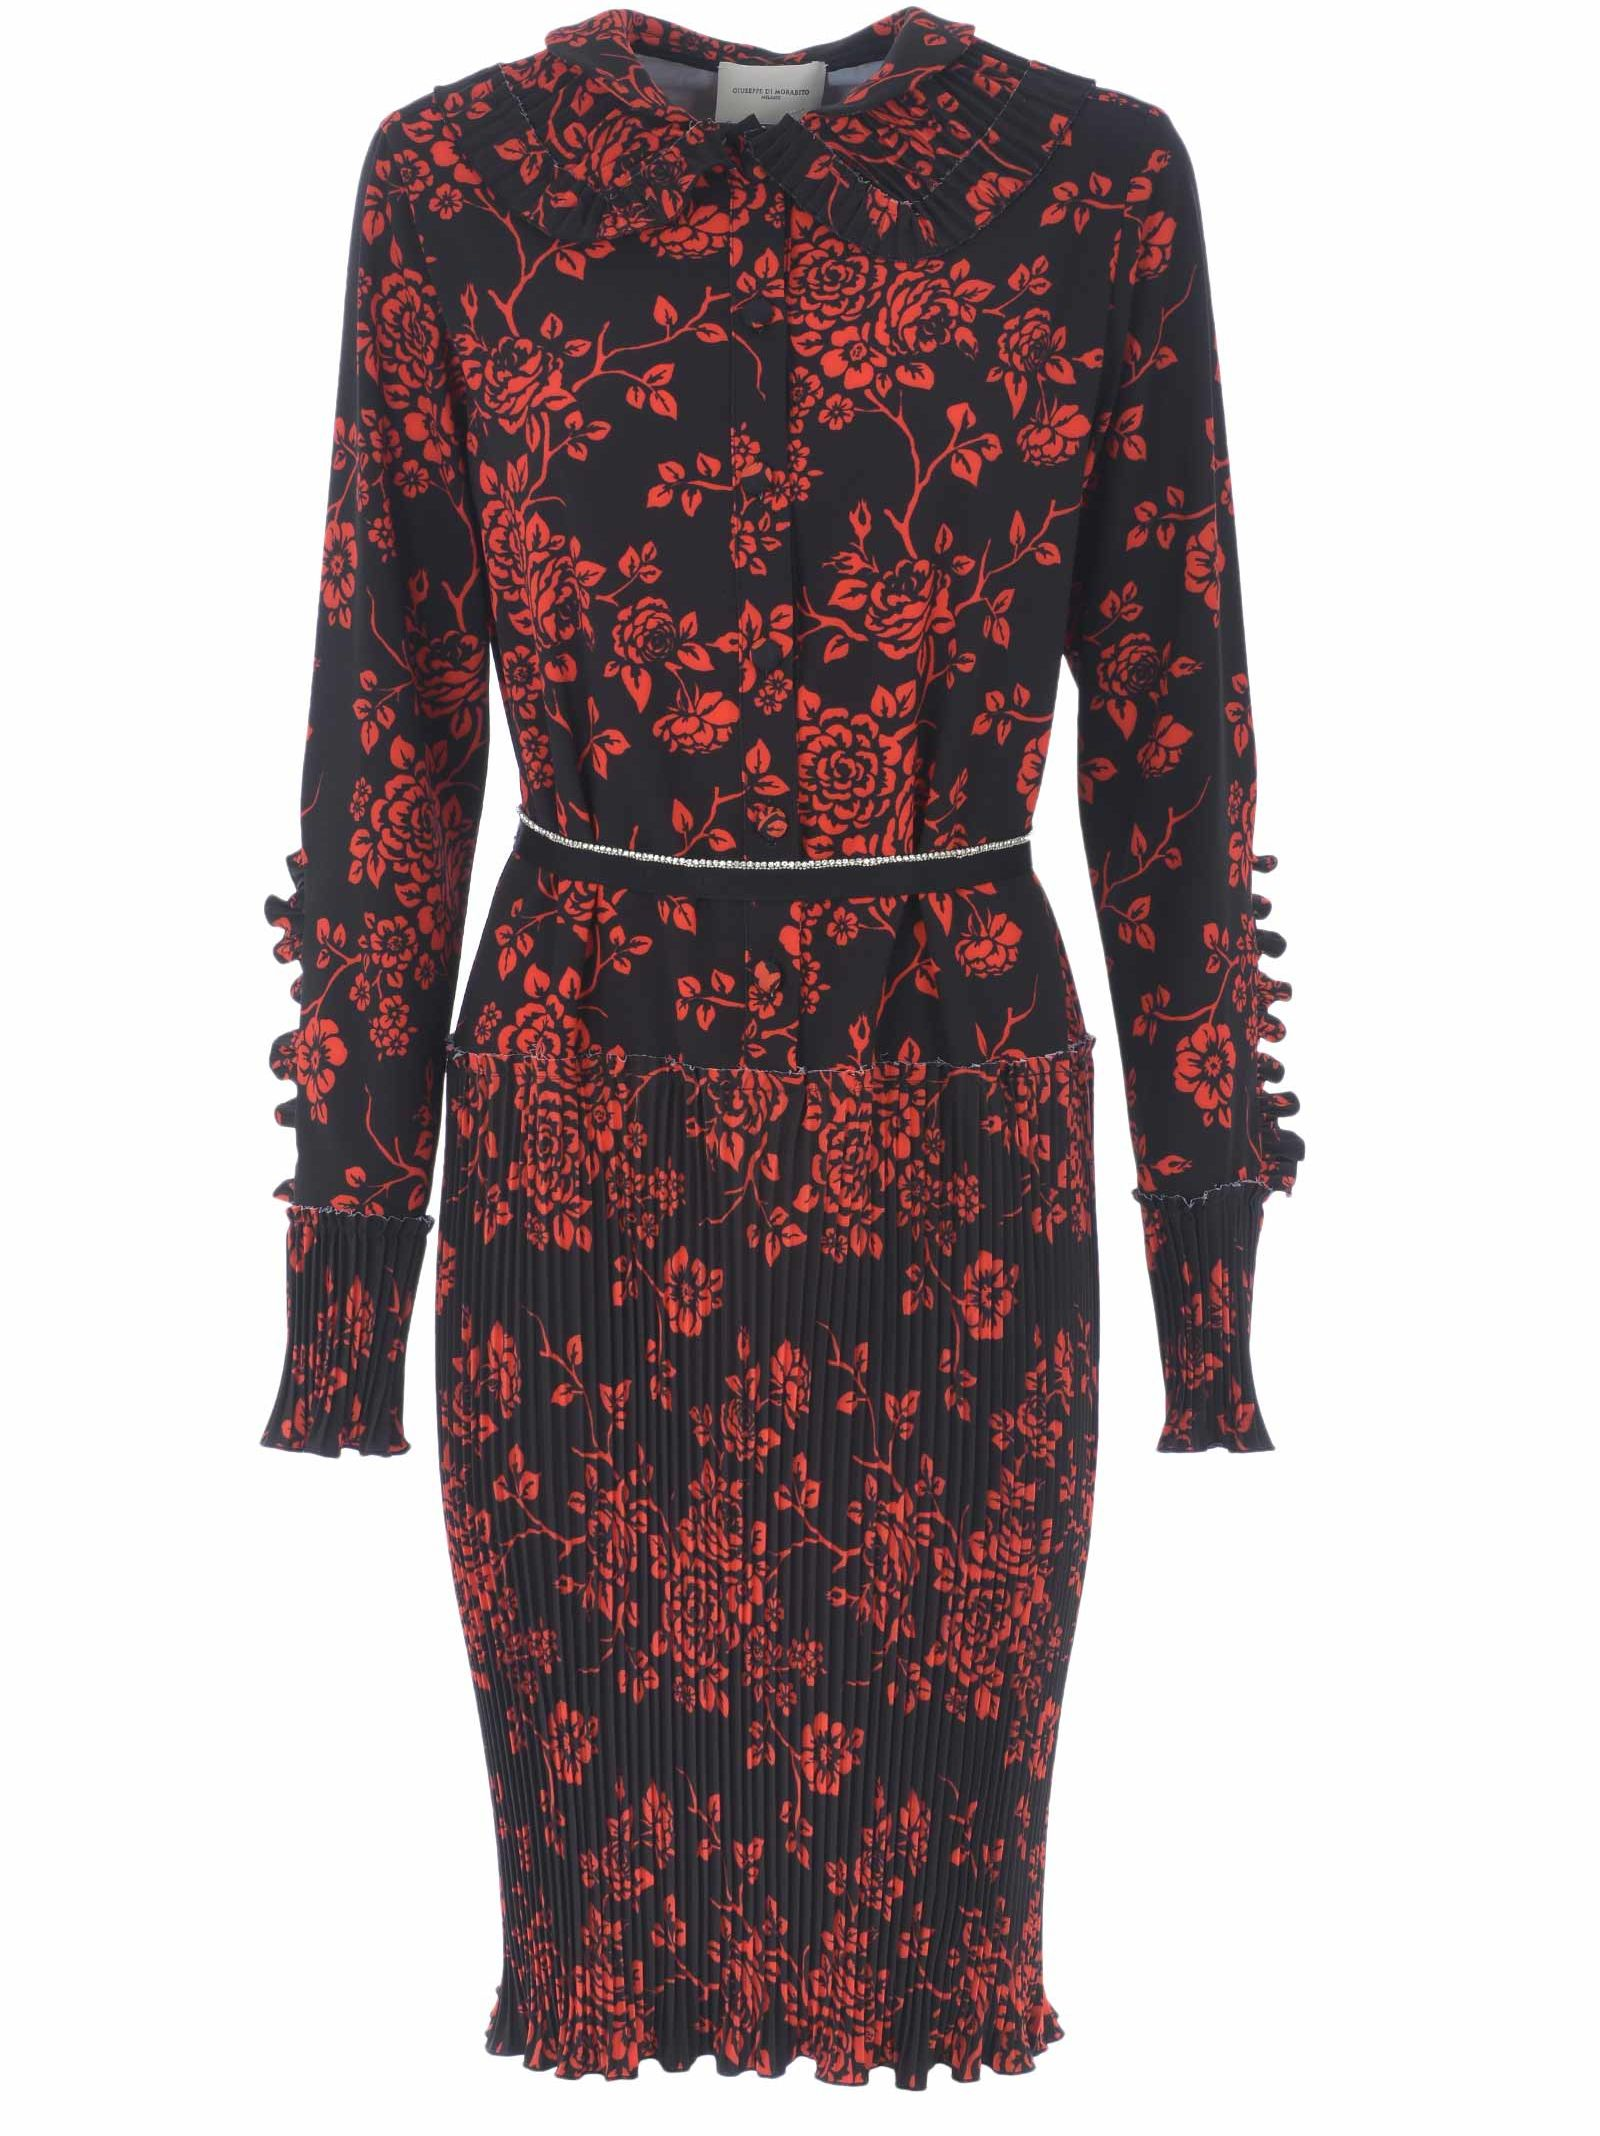 GIUSEPPE DI MORABITO Giuseppe Di Morabito Floral Dress in Nero-Rosso